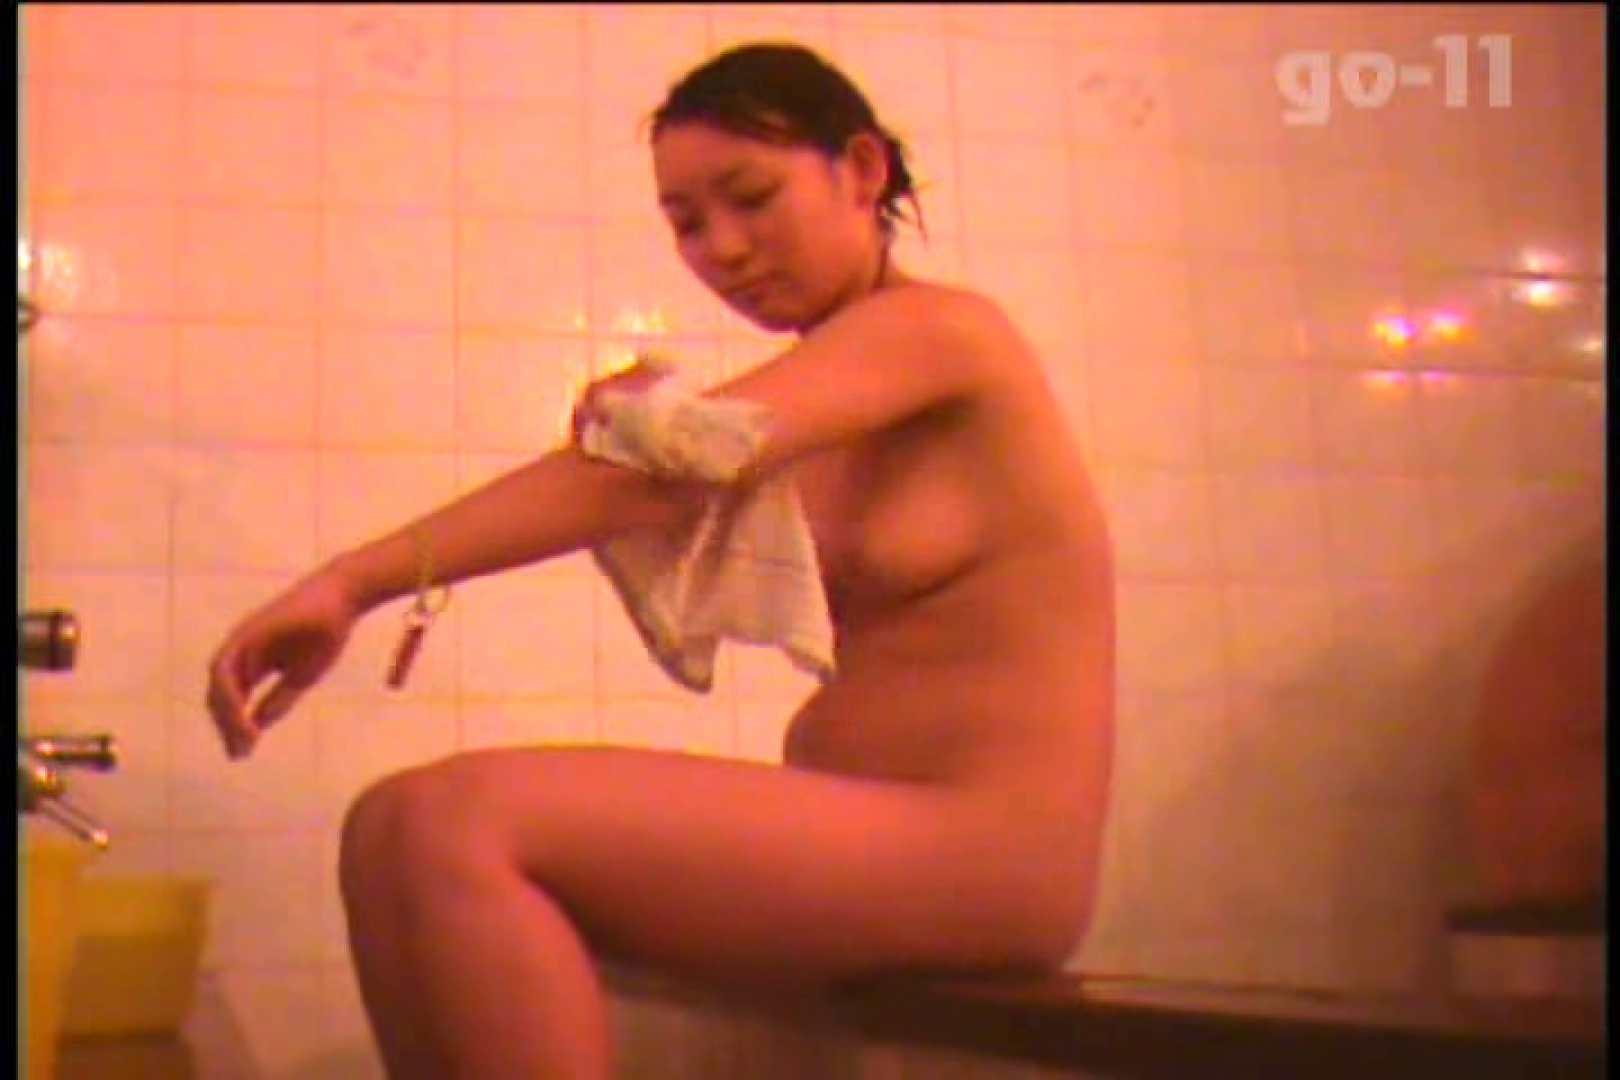 電波カメラ設置浴場からの防HAN映像 Vol.11 盗撮  76pic 3